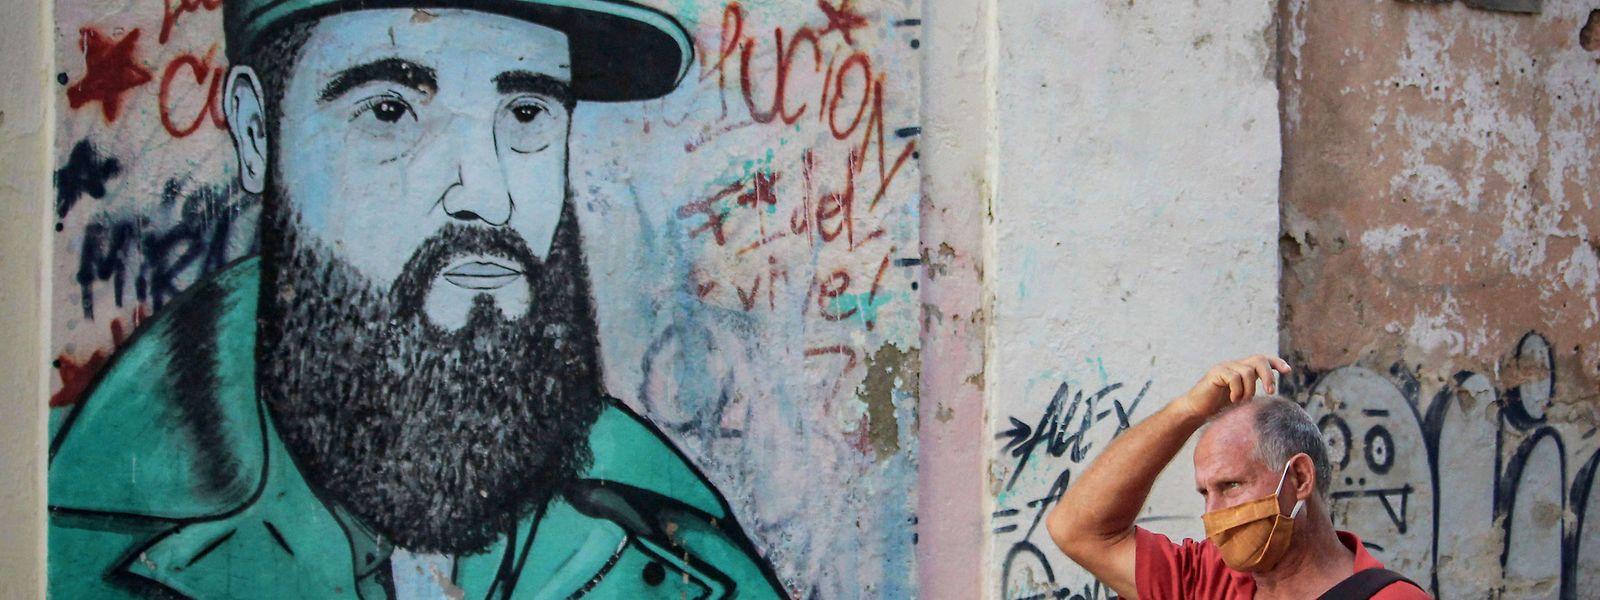 Der frühere Präsident Fidel Castro ist in Kuba noch immer allgegenwärtig.